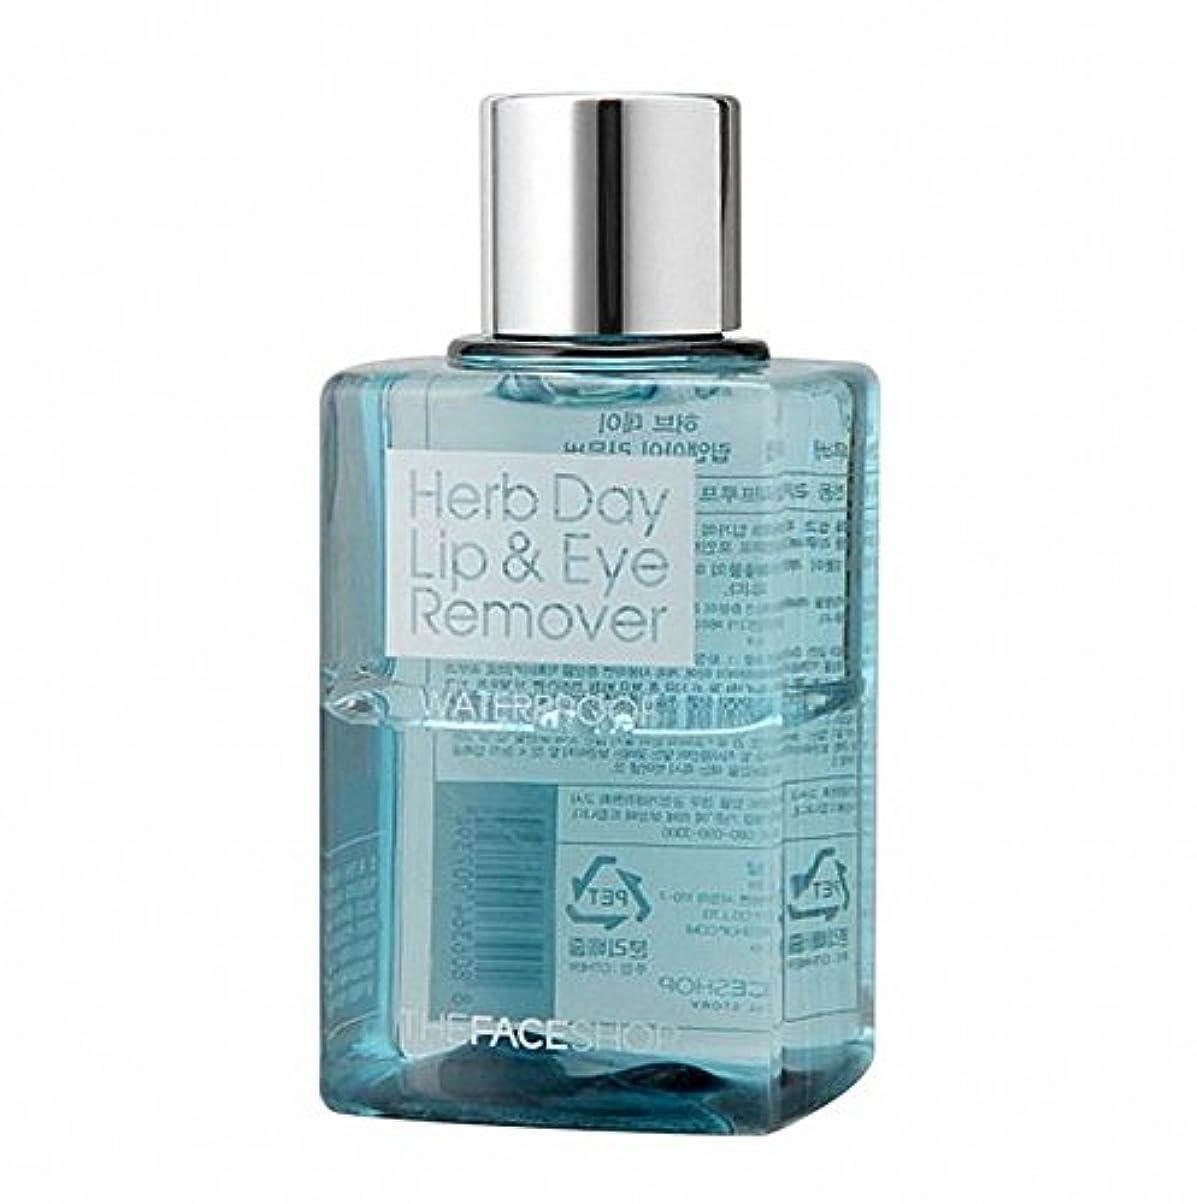 瞑想的火旅行ザ·フェイスショップ The Face Shop ハブデイリップアンドアイリムーバーウォータープルーフ 130ml Herb Day Lip & Eye Remover Waterproof [海外直送品]